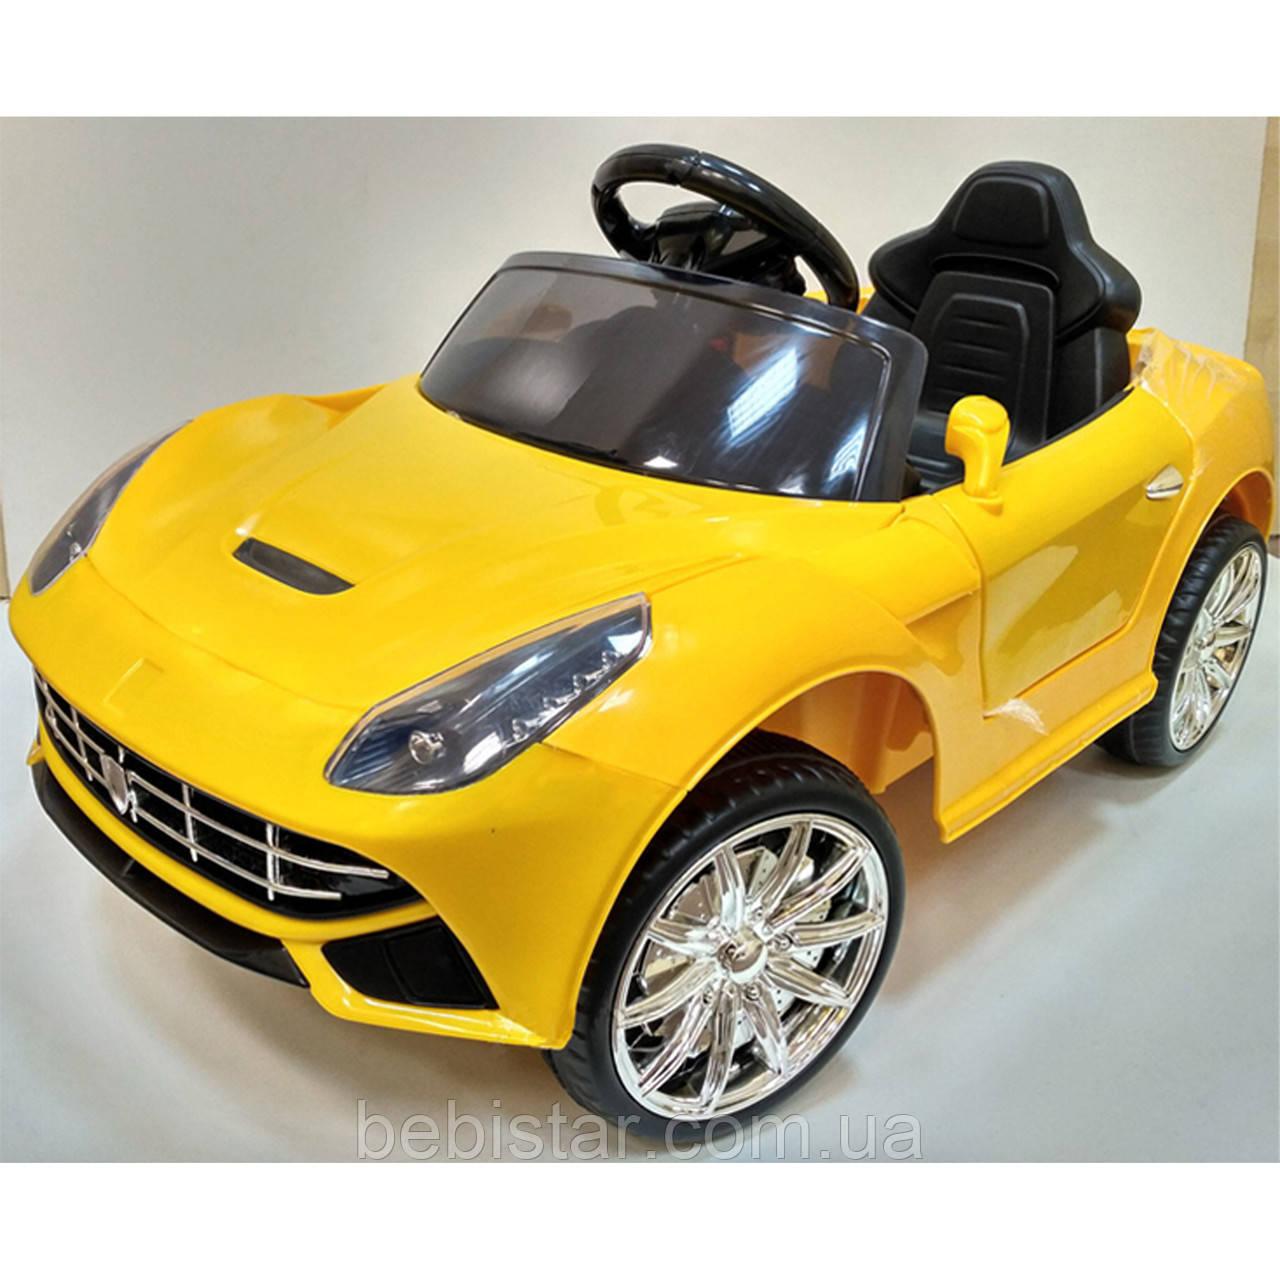 Электромобиль спортивный легковой желтый FL1078 на EVA колесах пульт два мотора для детей 3-8 лет